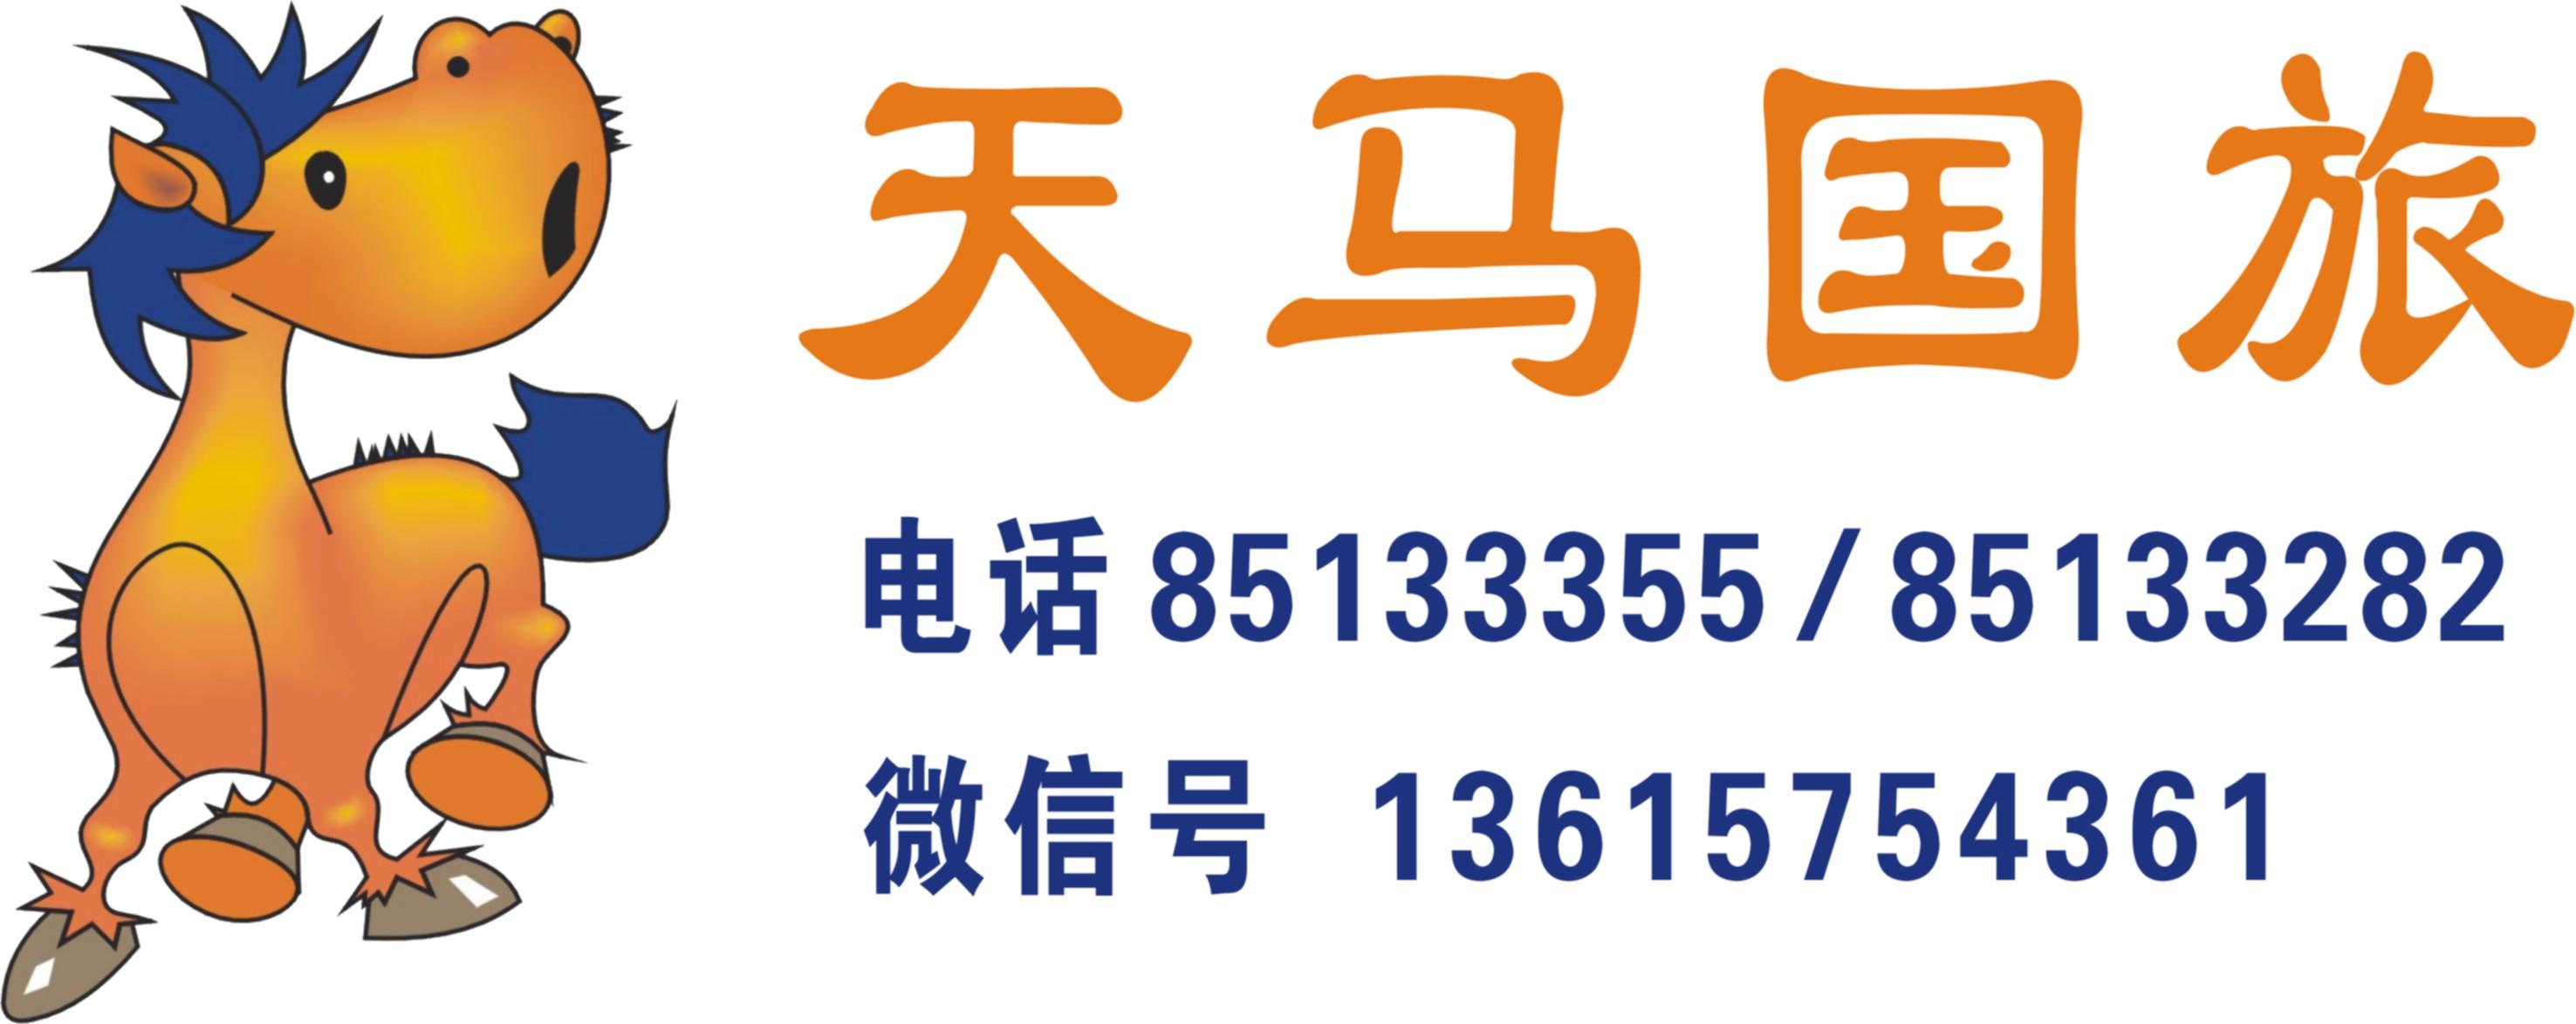 7.27【上海迪士尼小镇、迪士尼乐园、野生动物园二日】下午进